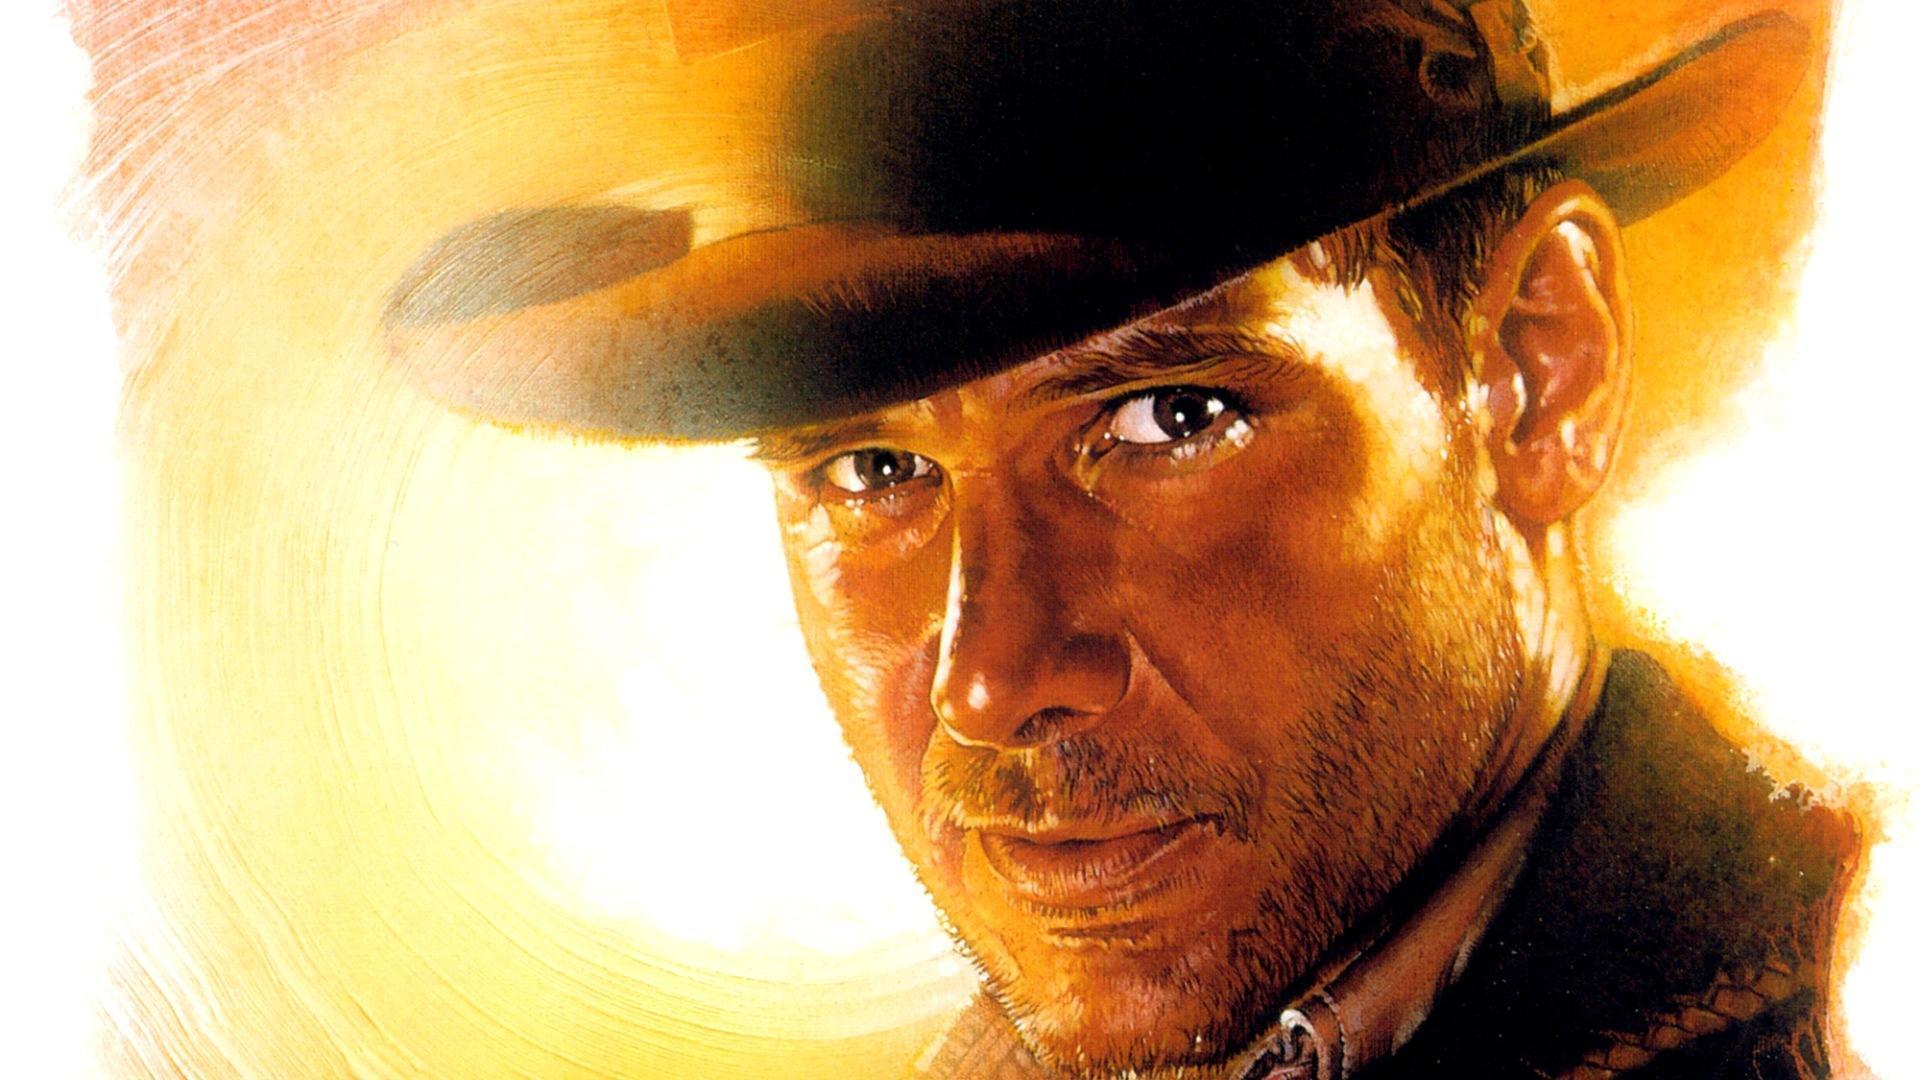 O anúncio de Indiana Jones feito pelos estúdios da Microsoft atingiu todos, tanto os fãs da Bethesda como da franquia ficaram entusiasmados.